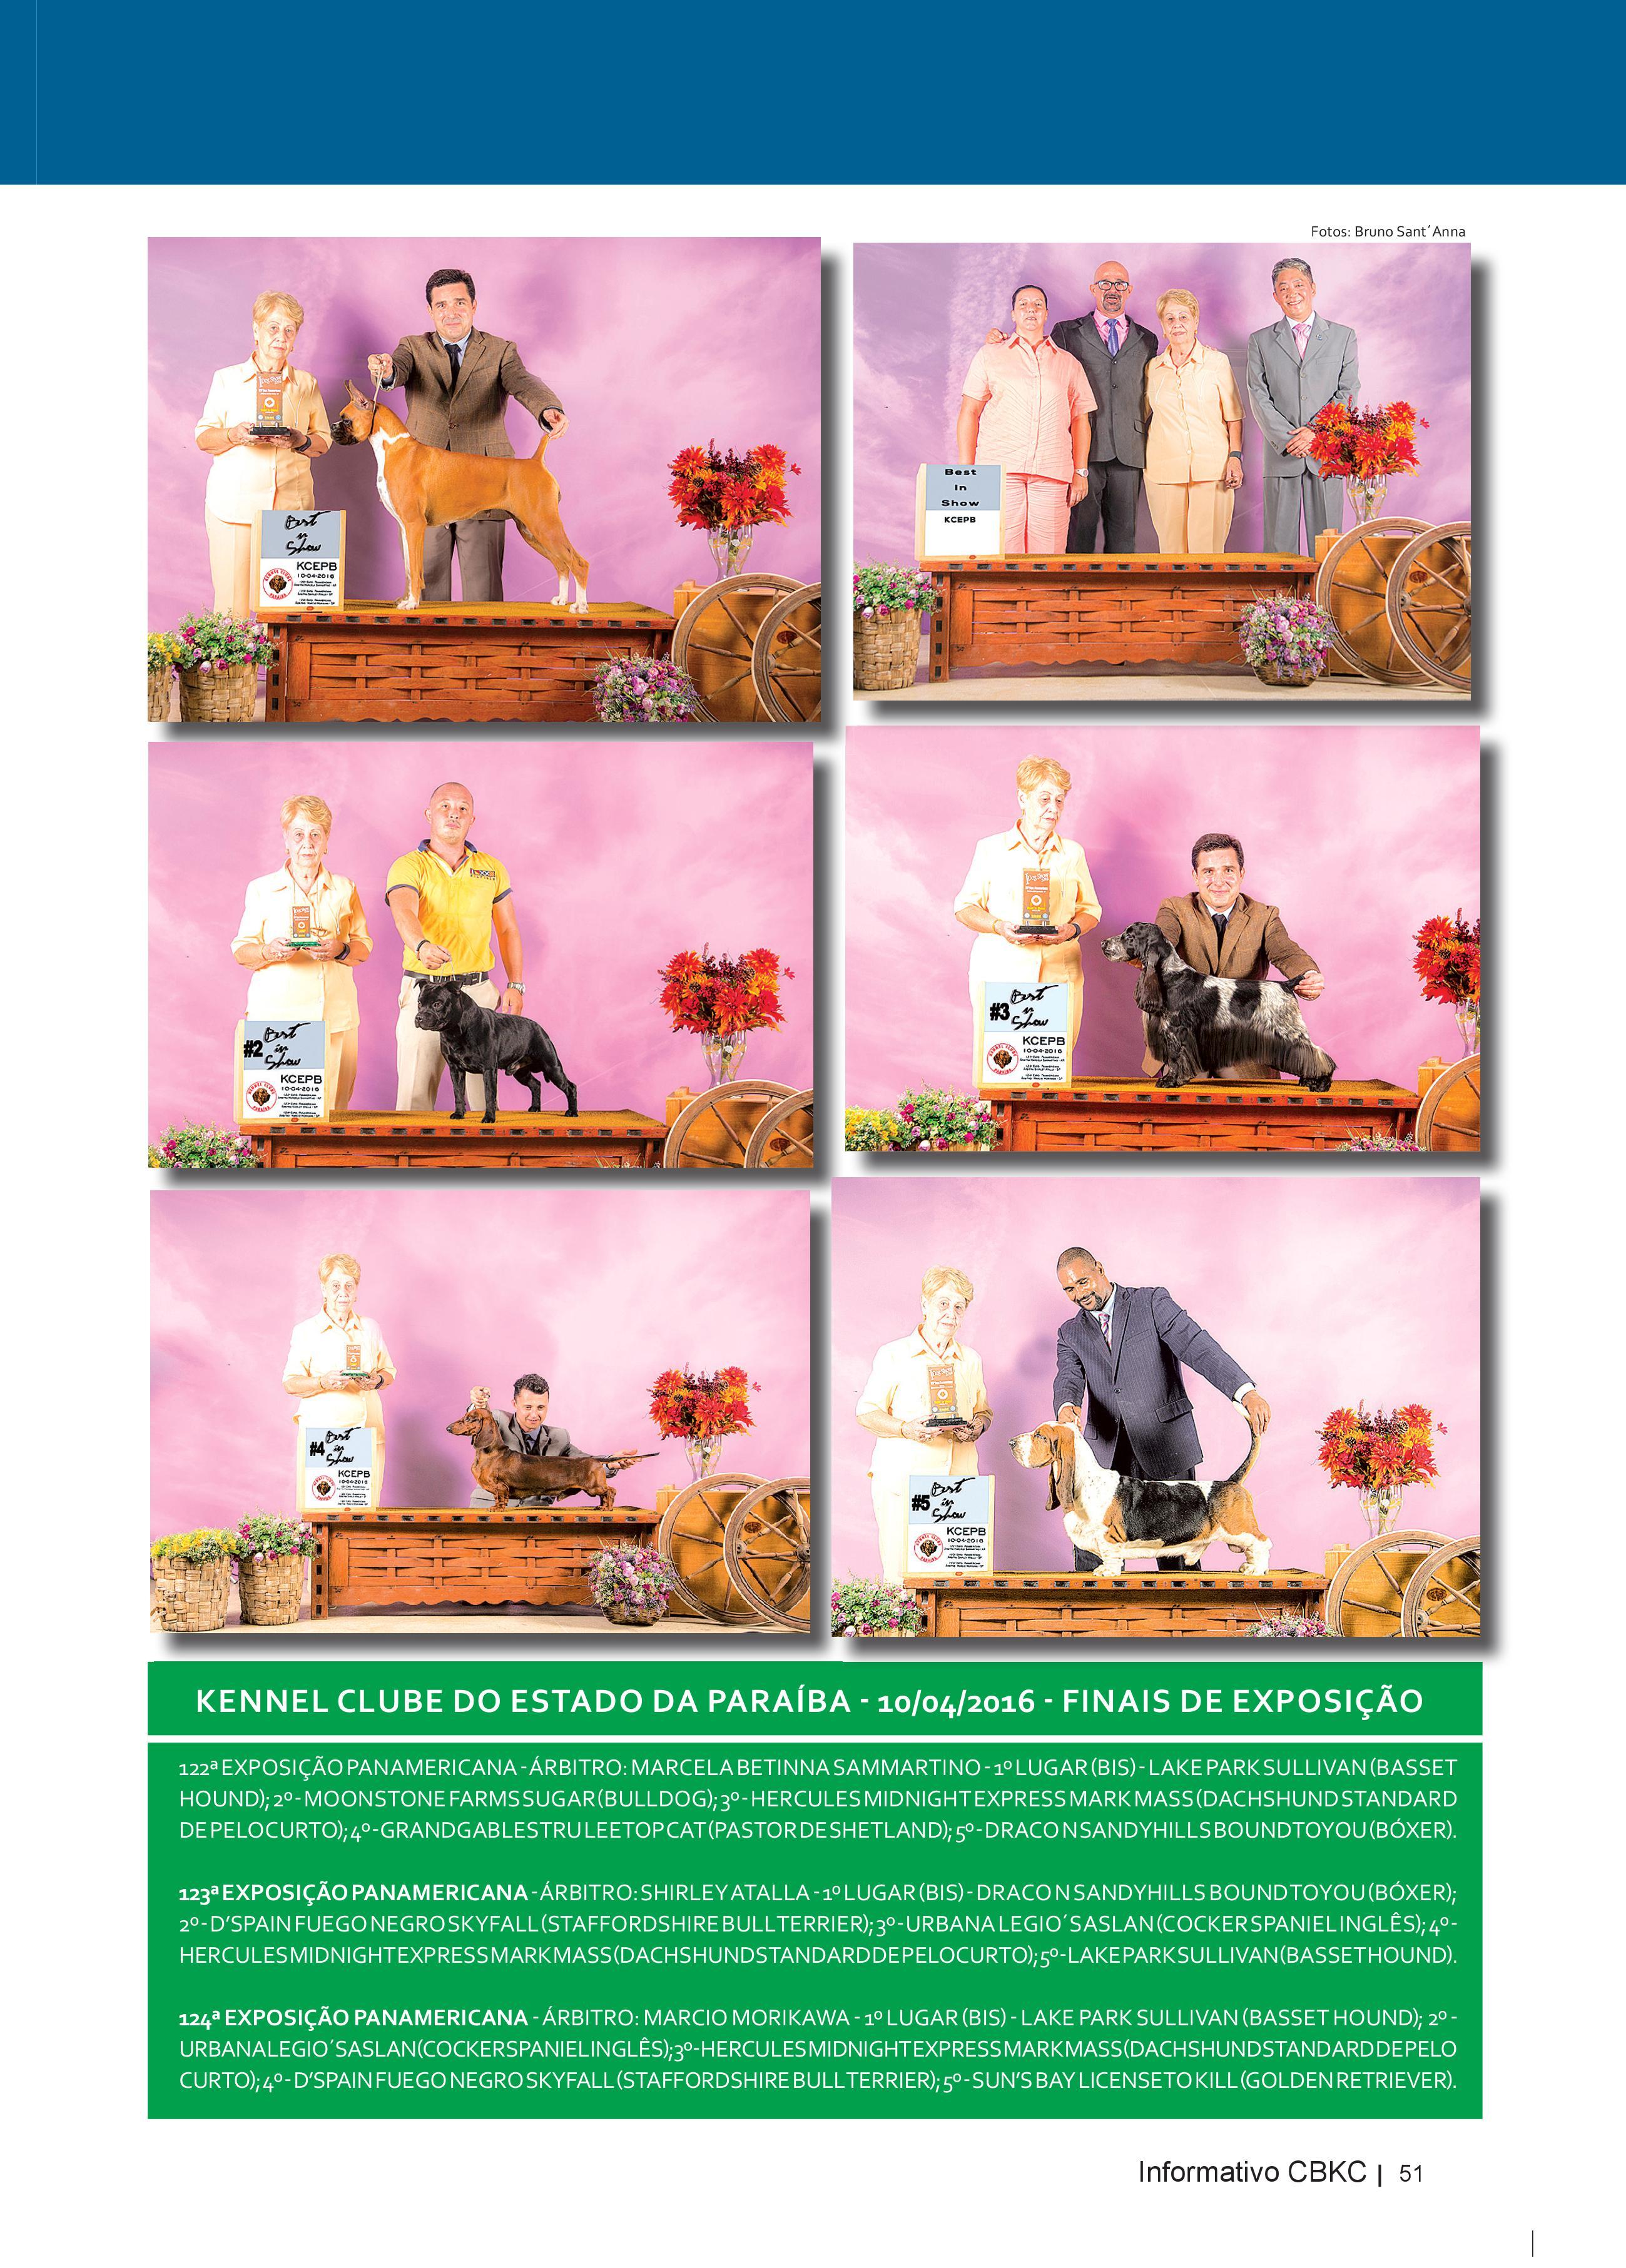 Pagina 51| Edição 52 do Informativo CBKC